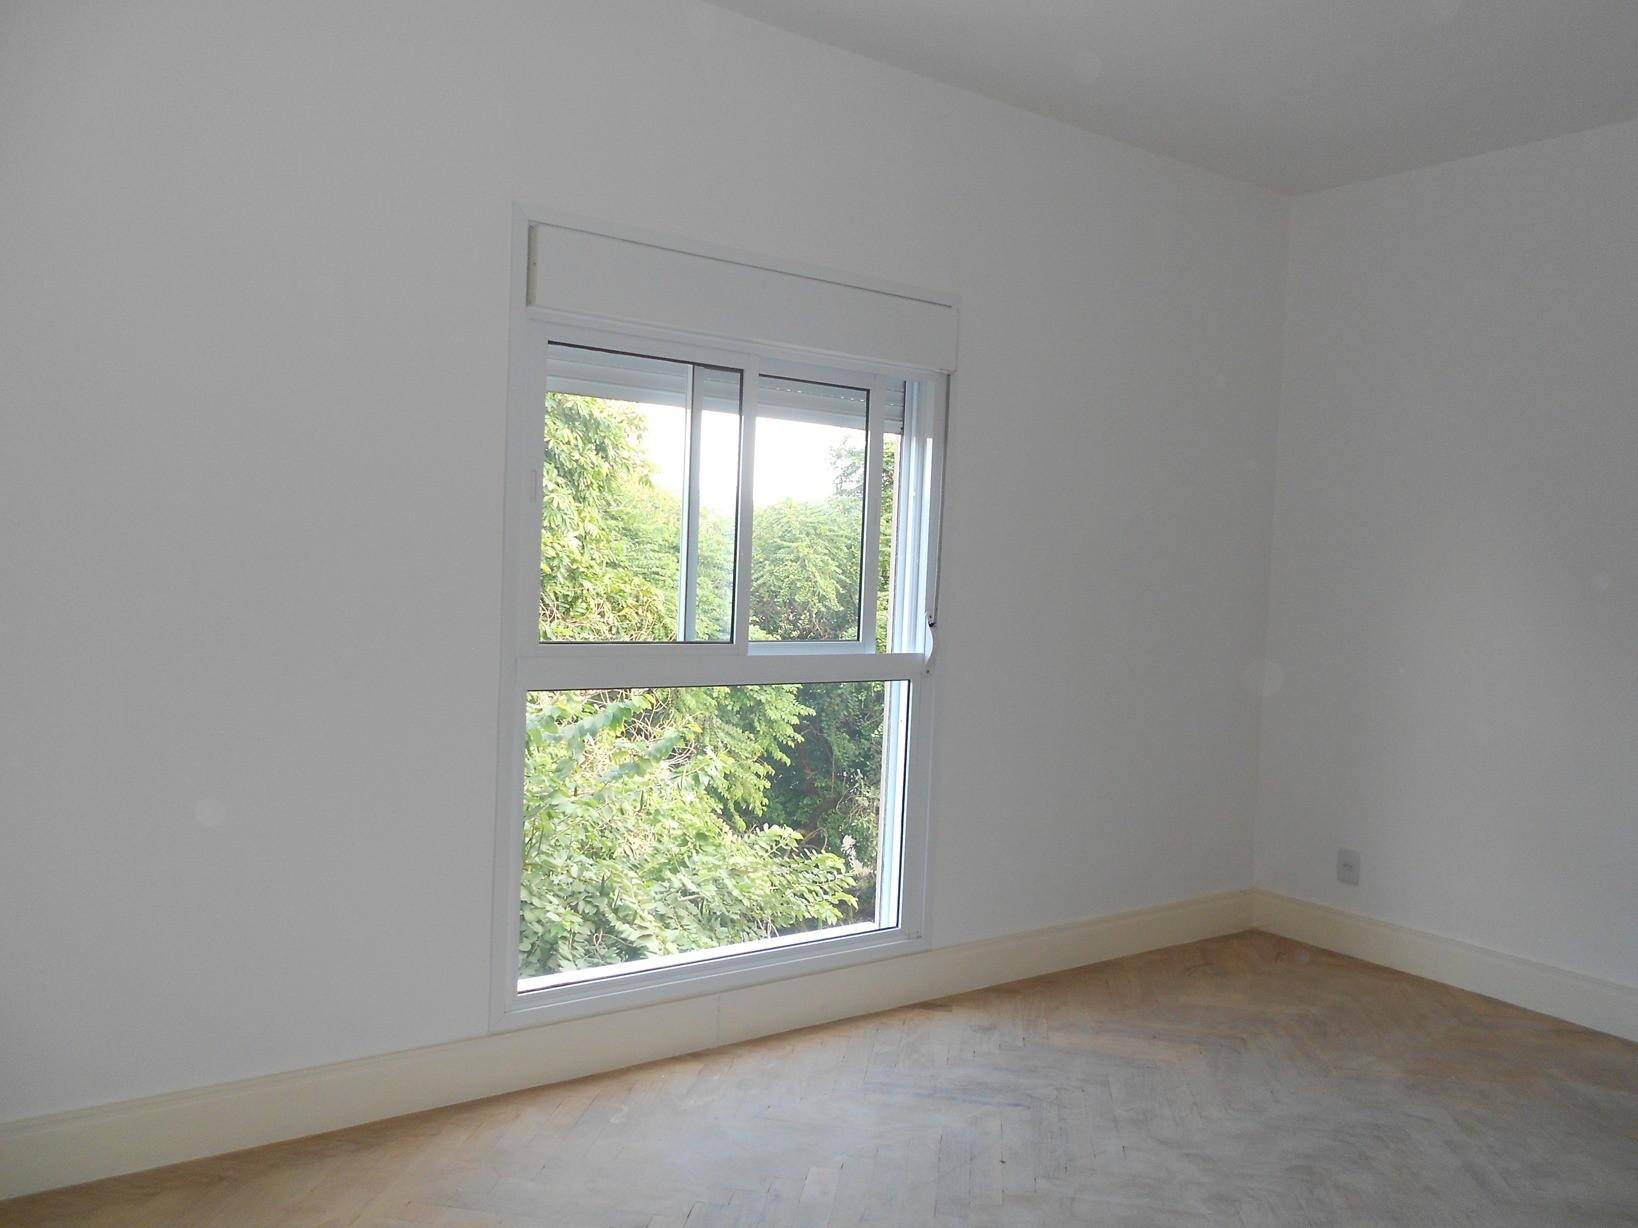 Apartamento de 2 dormitórios em Galleria, Campinas - SP